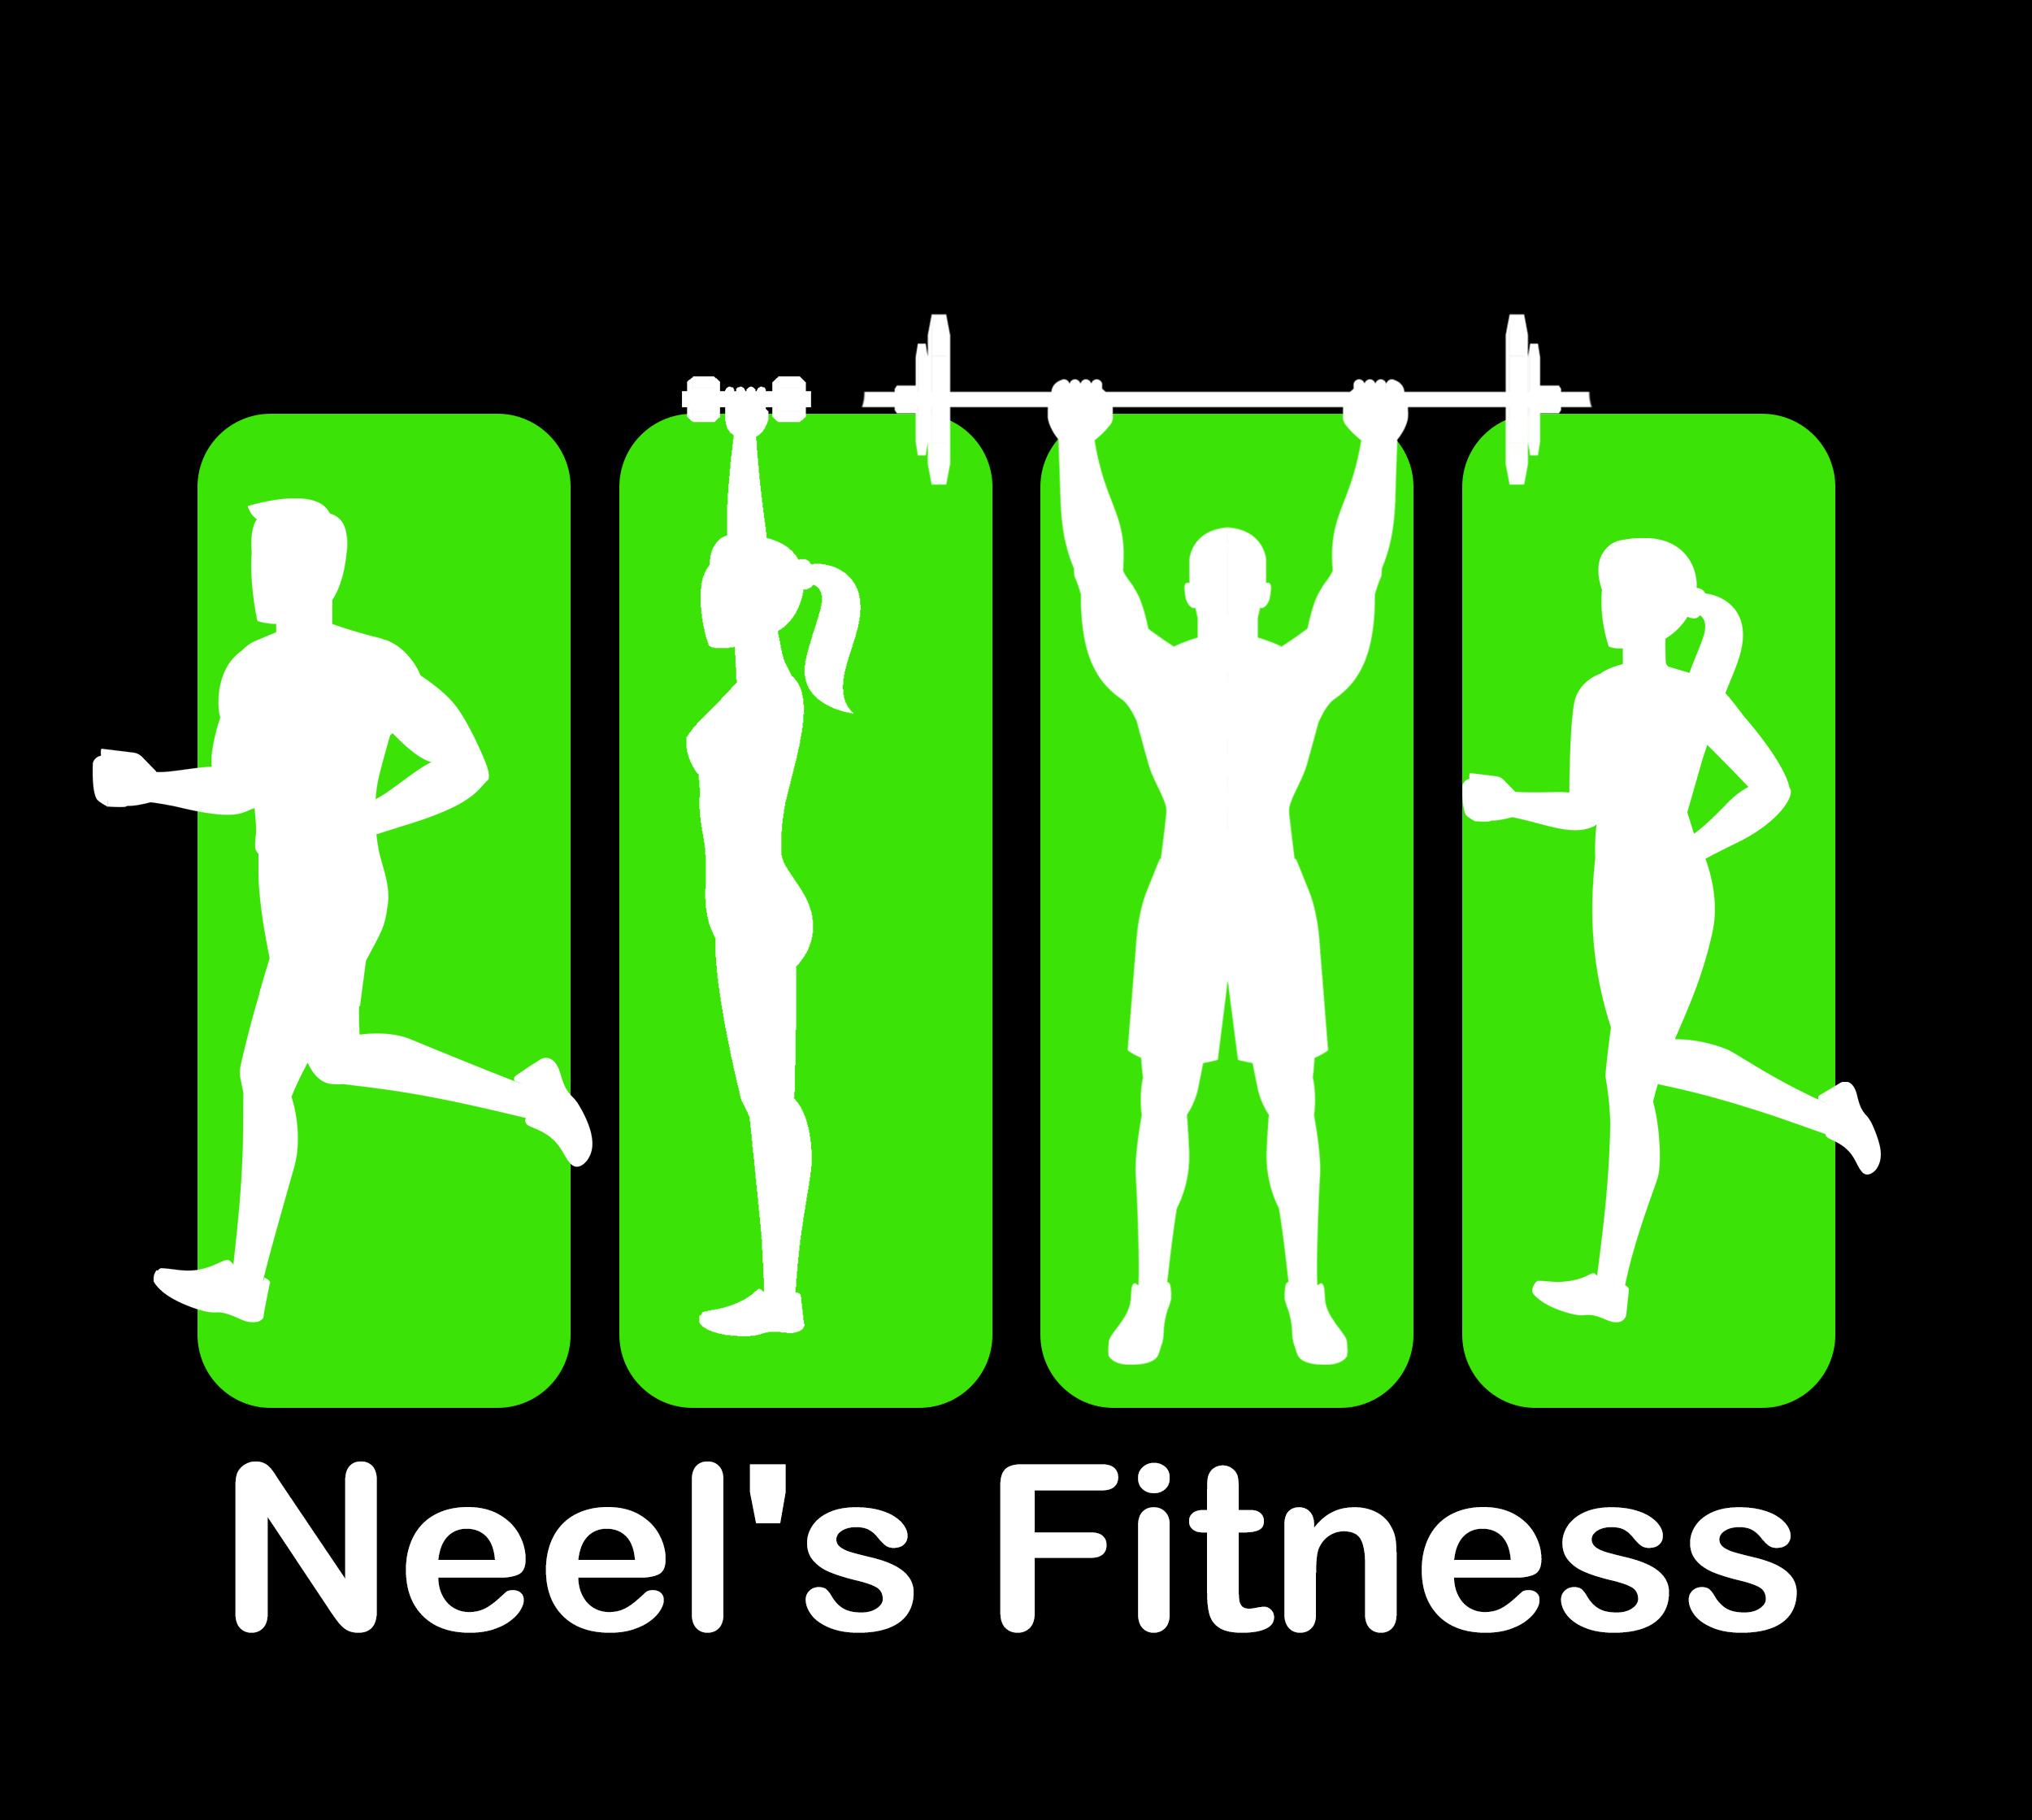 Neel's Fitness